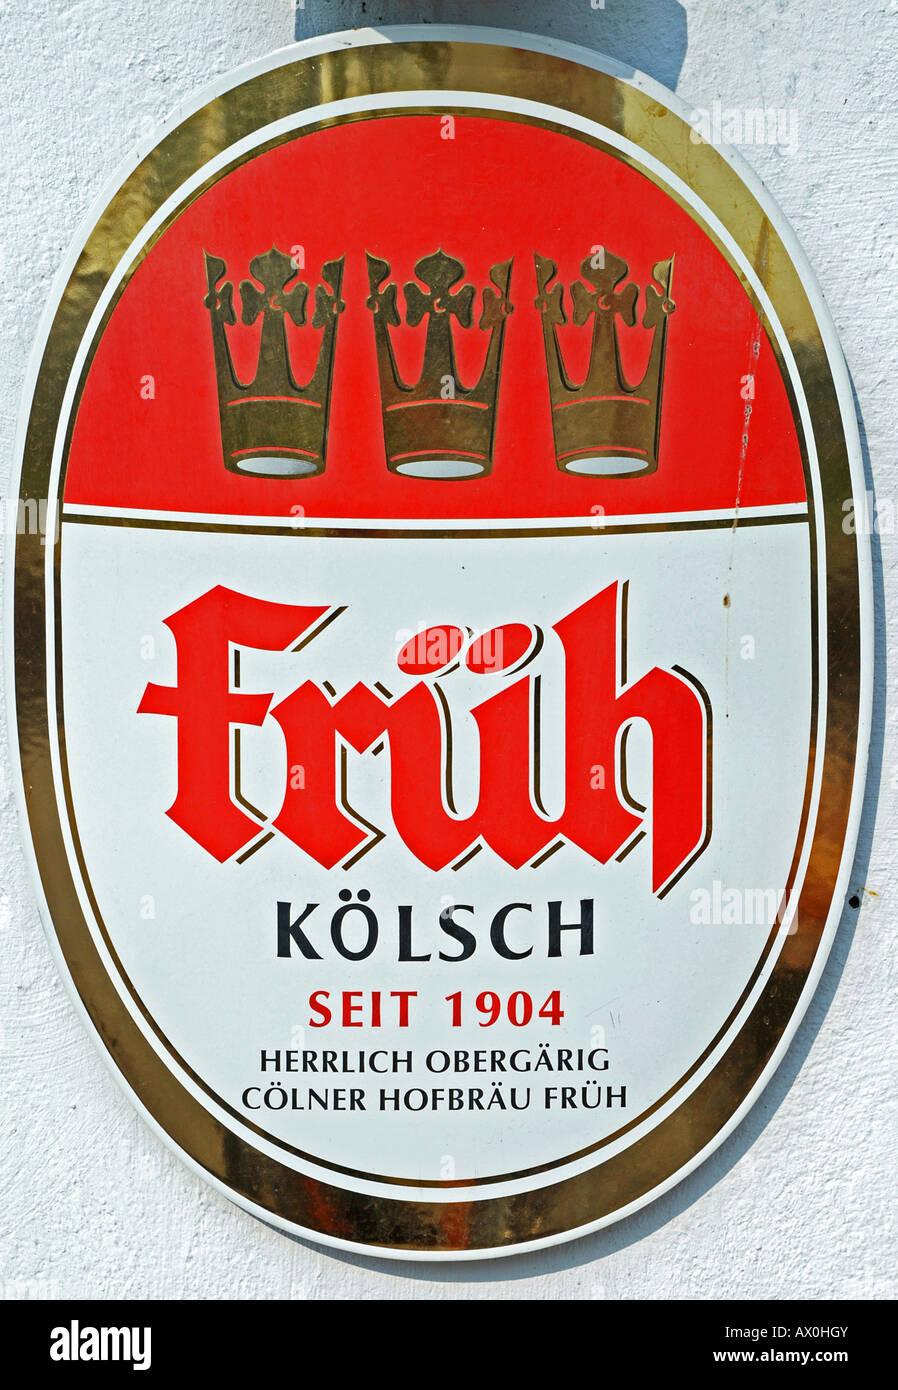 Werbeschild für Kölsch (Bier) im alten Teil der Stadt, Köln, Nordrhein-Westfalen, Deutschland Stockbild